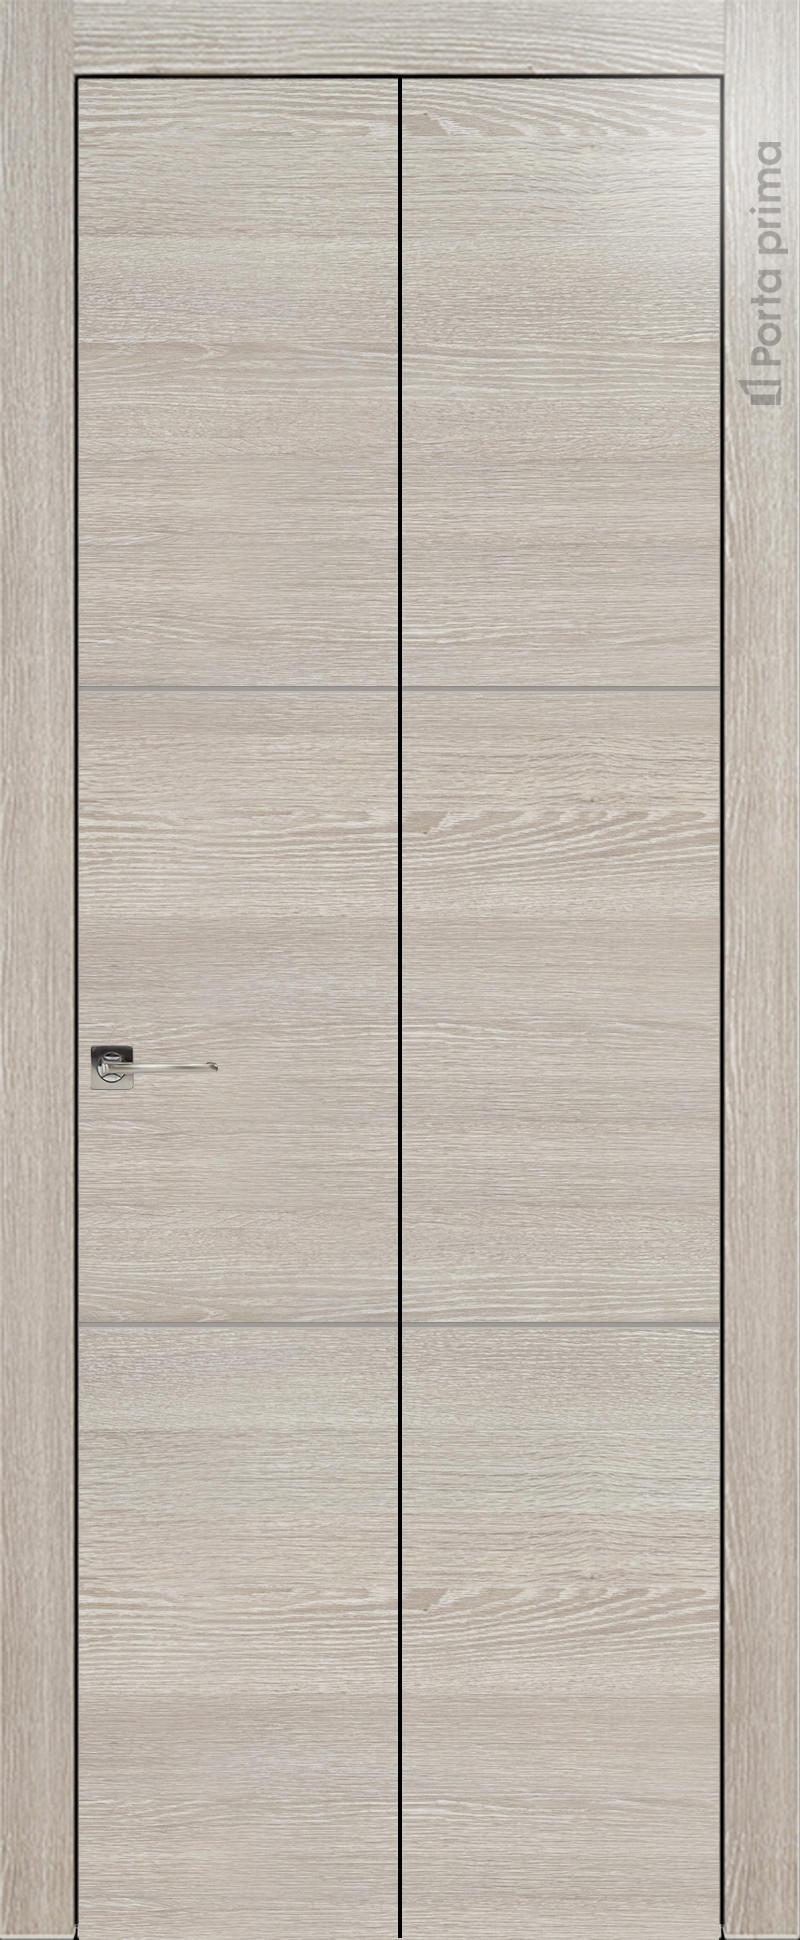 Tivoli В-2 Книжка цвет - Серый дуб Без стекла (ДГ)